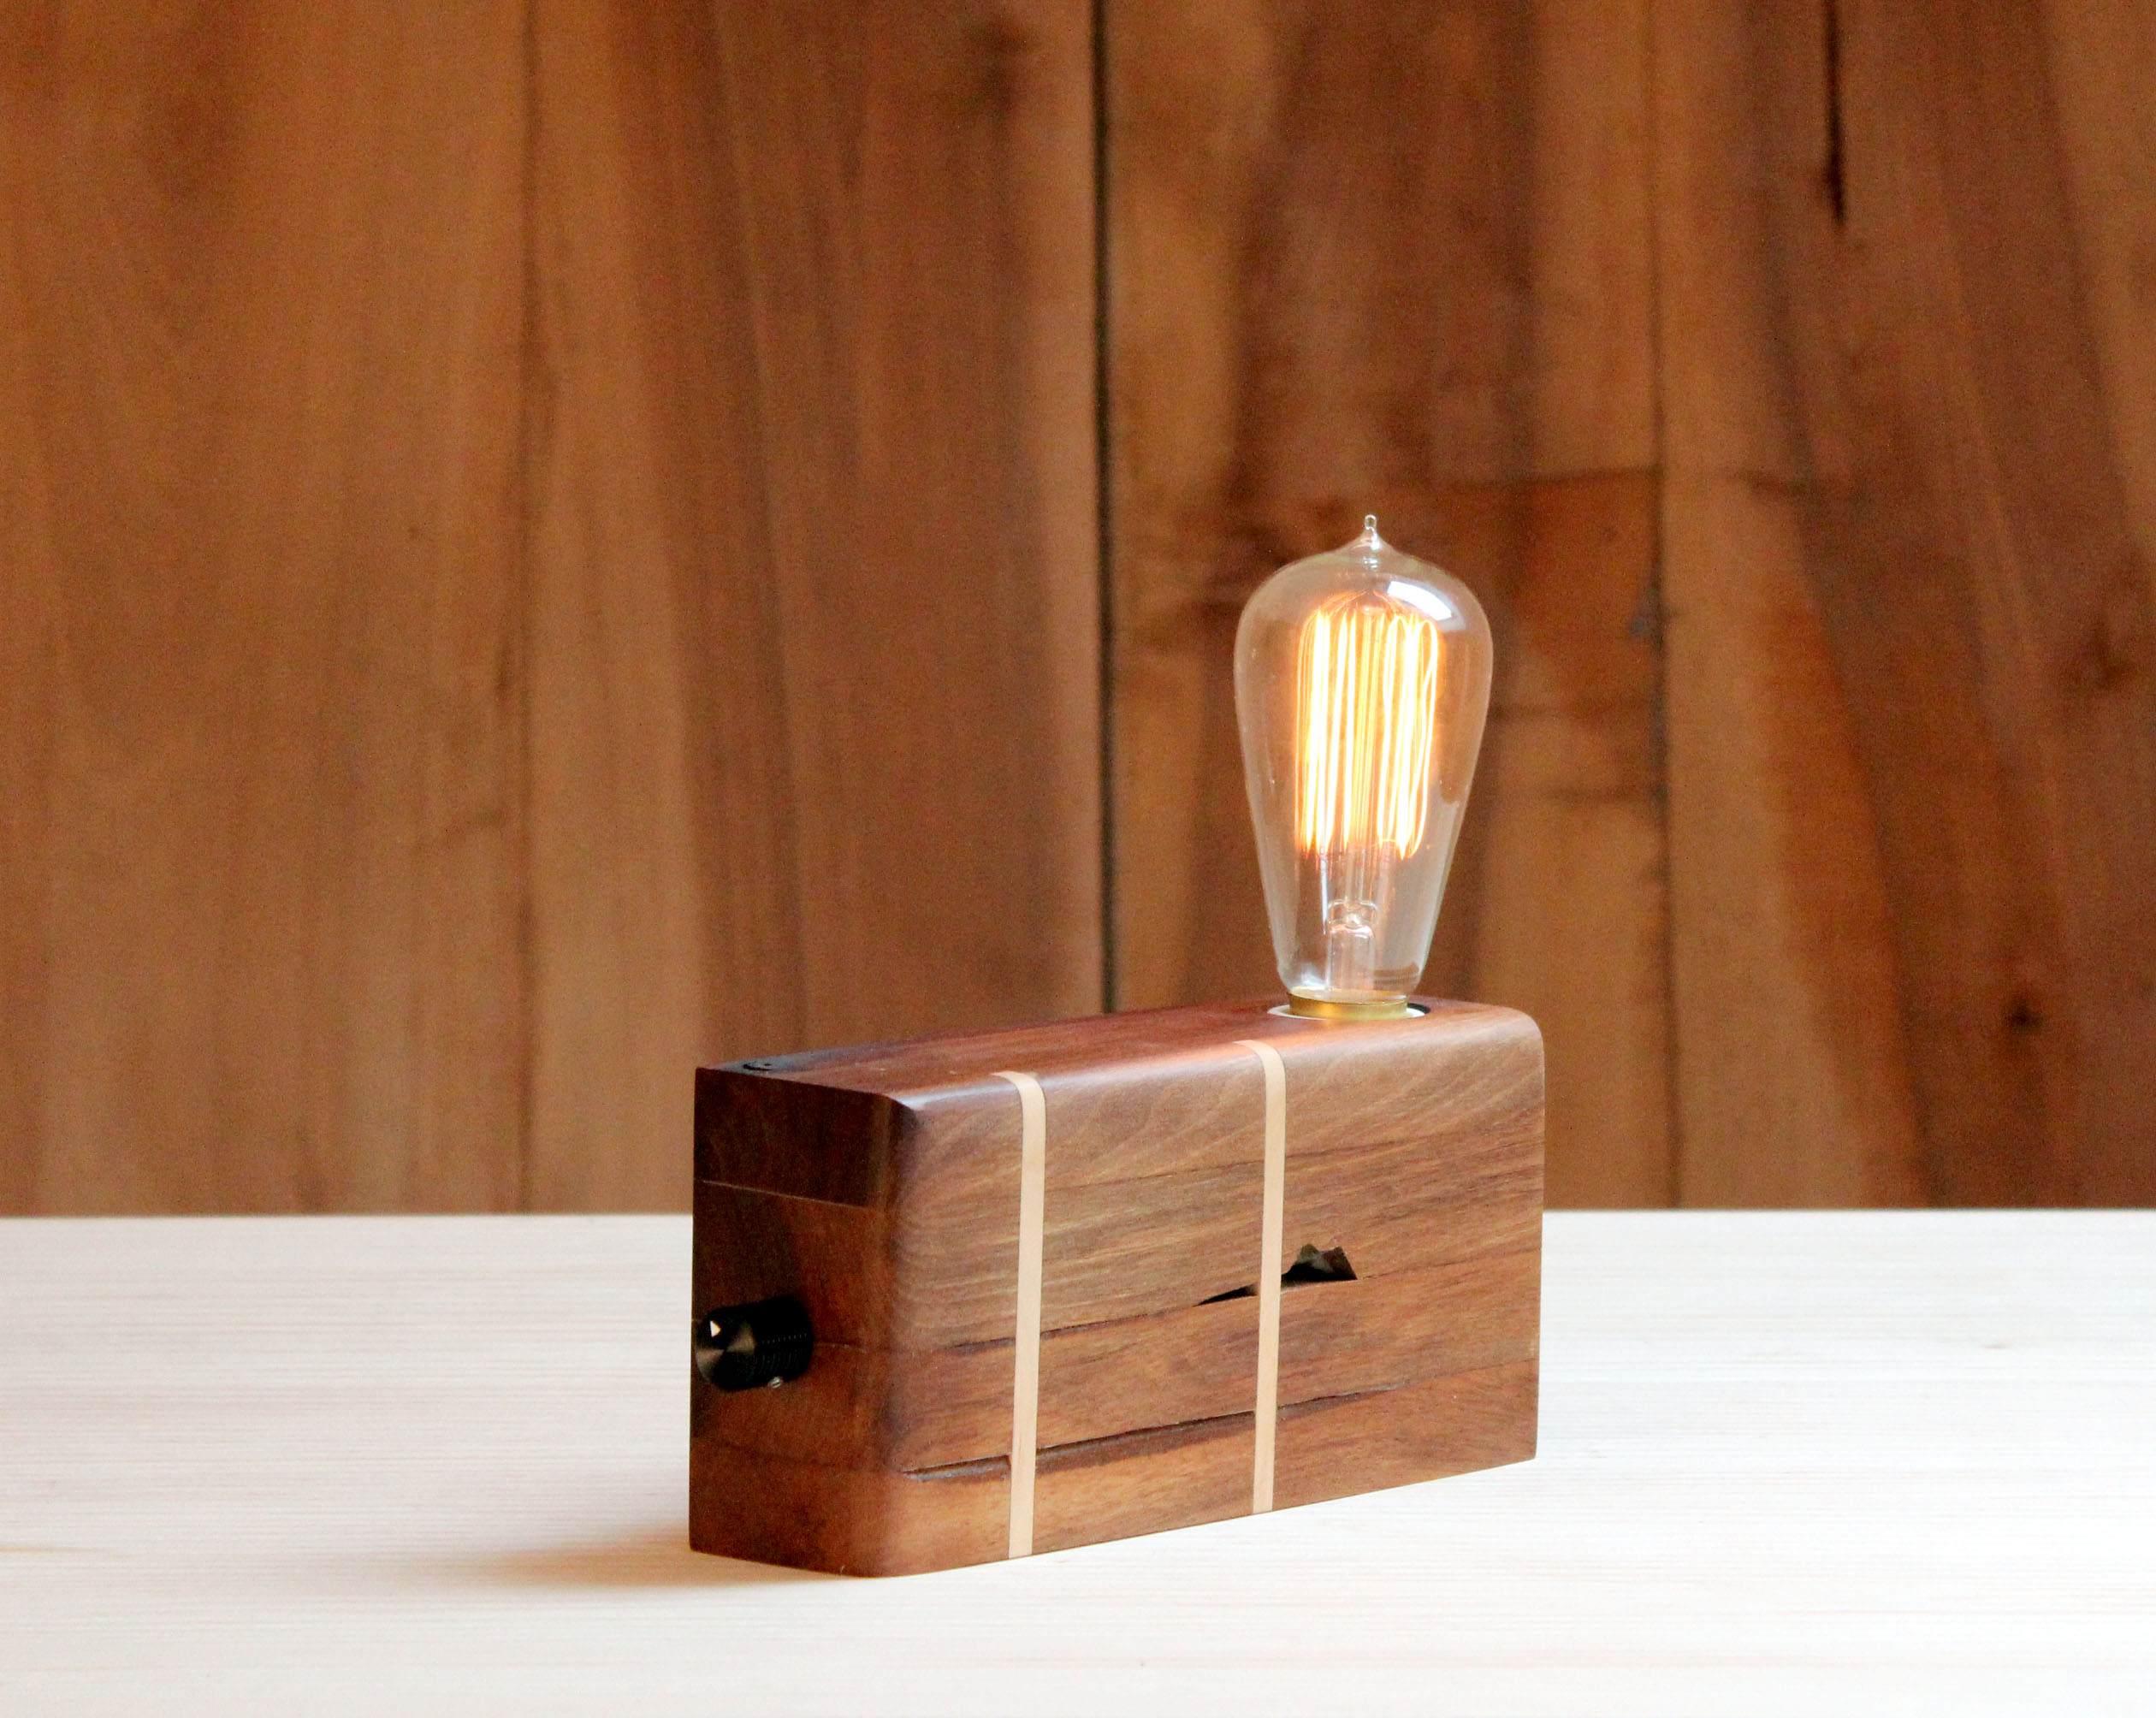 Descubriendo las l mparas de madera reciclada de brz wood for Cosas con madera reciclada